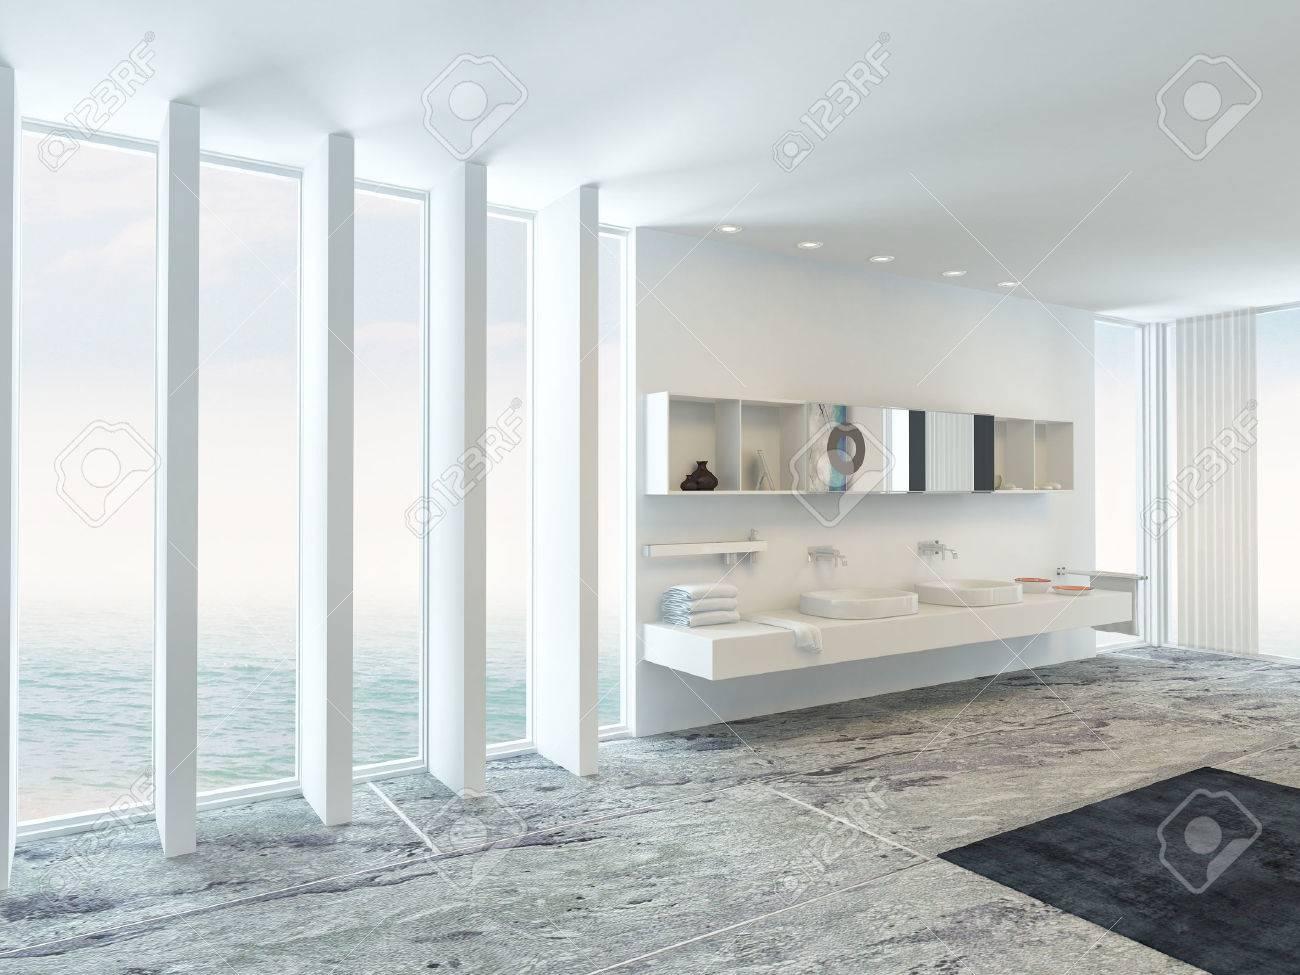 Salle De Bain Plaque intérieur de salle de bain très spacieux, lumineux moderne avec plancher de  la plaque de plafond baies vitrées sur deux côtés et un double mural